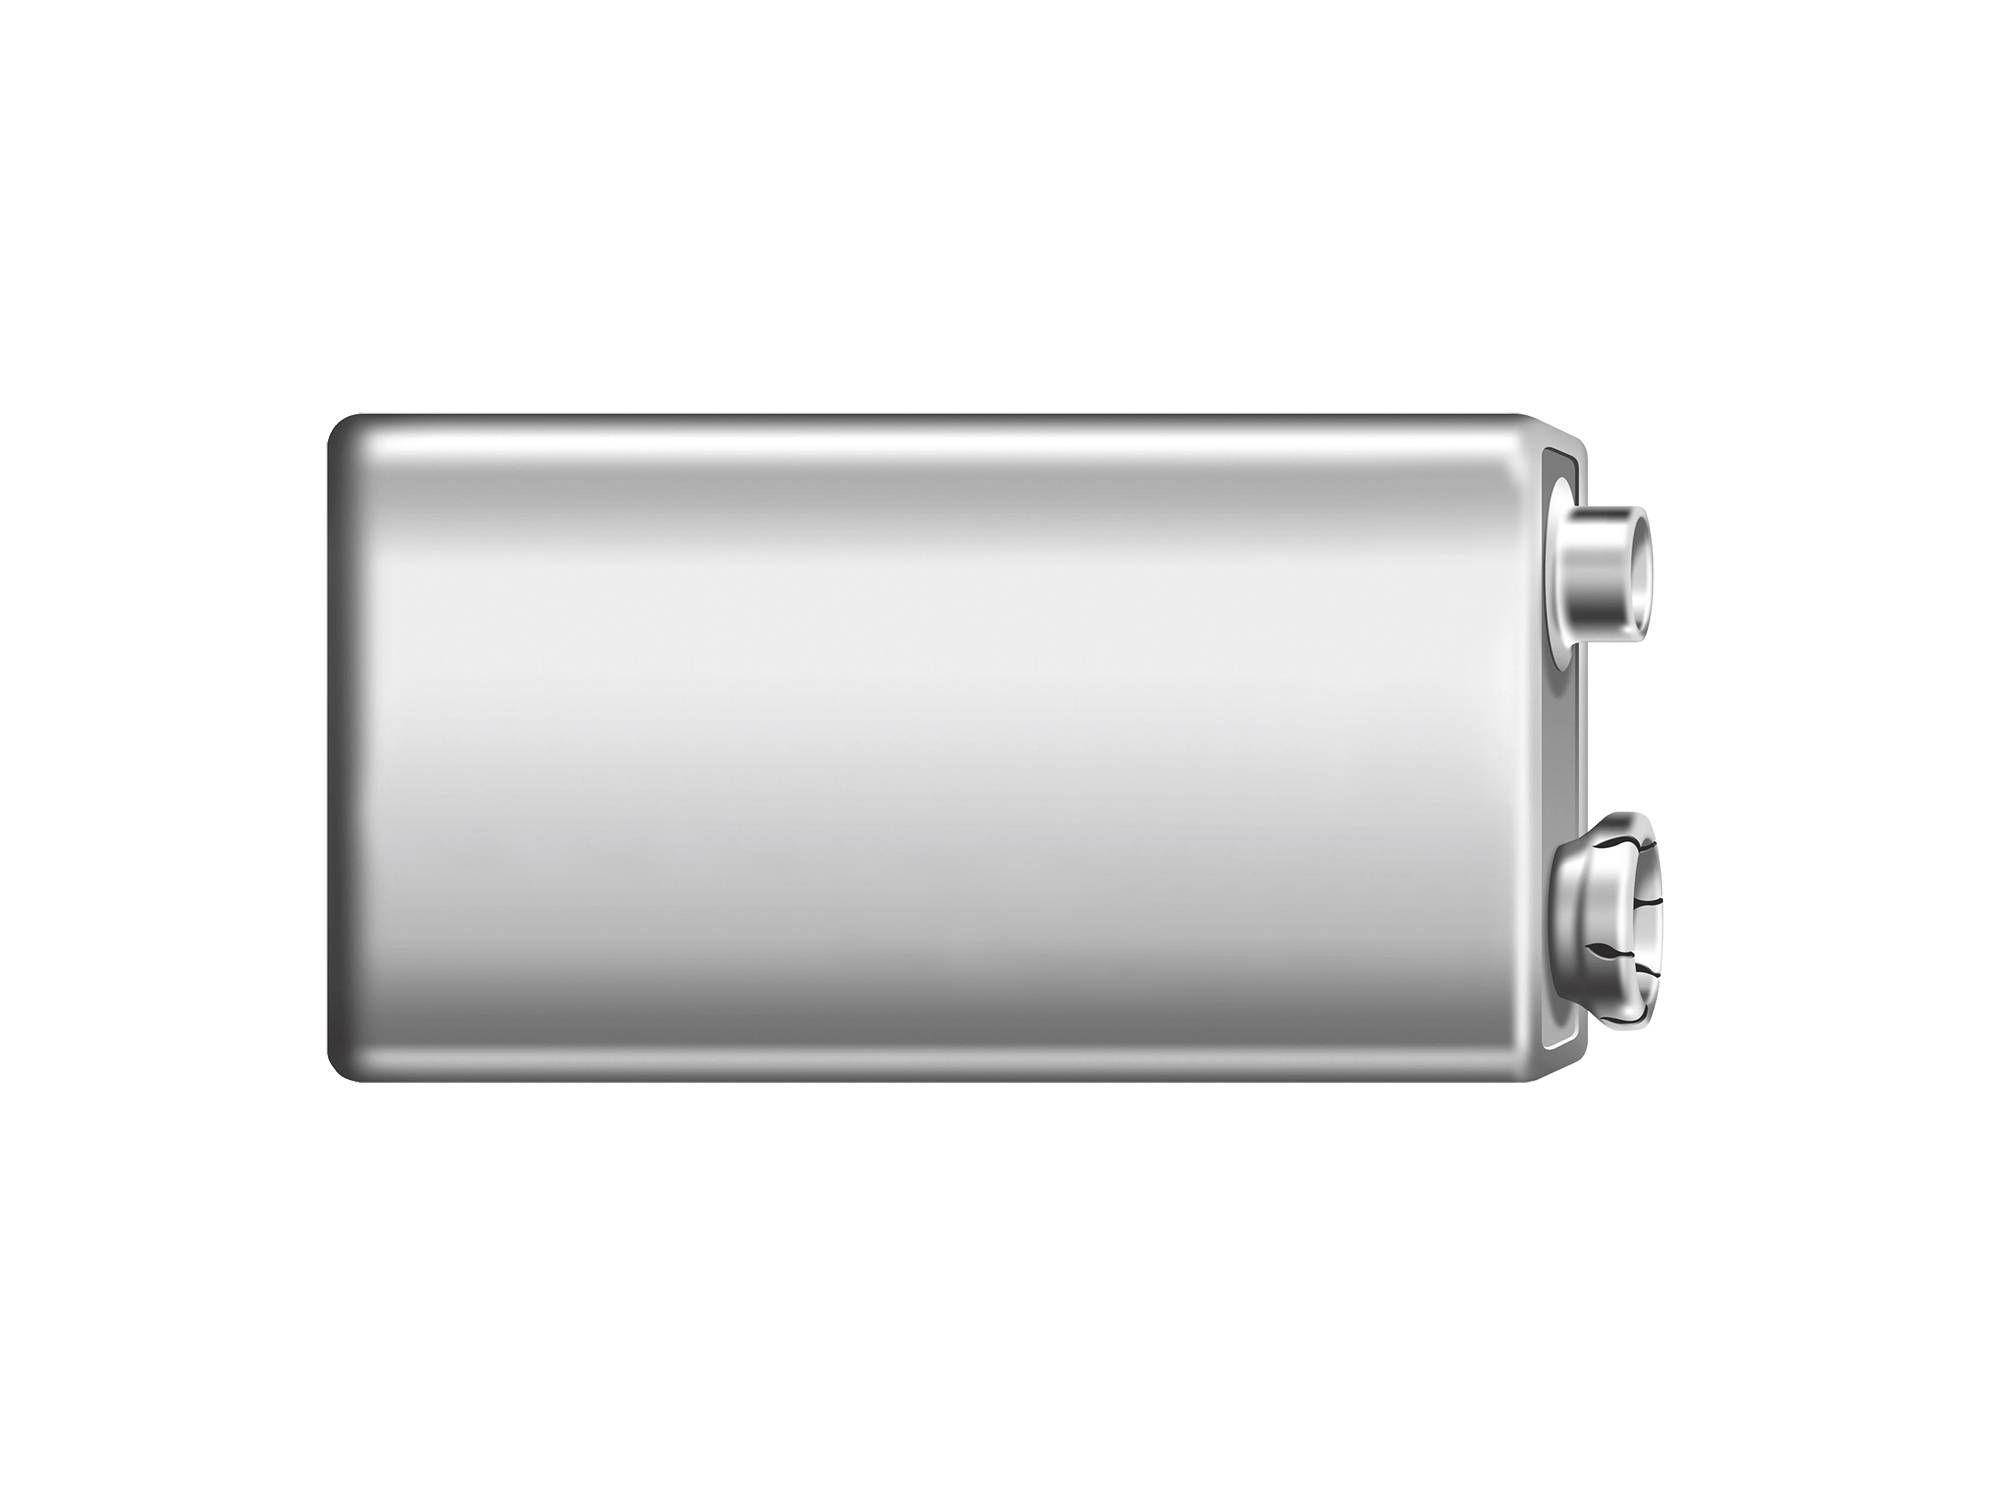 9V rech. battery for instrument